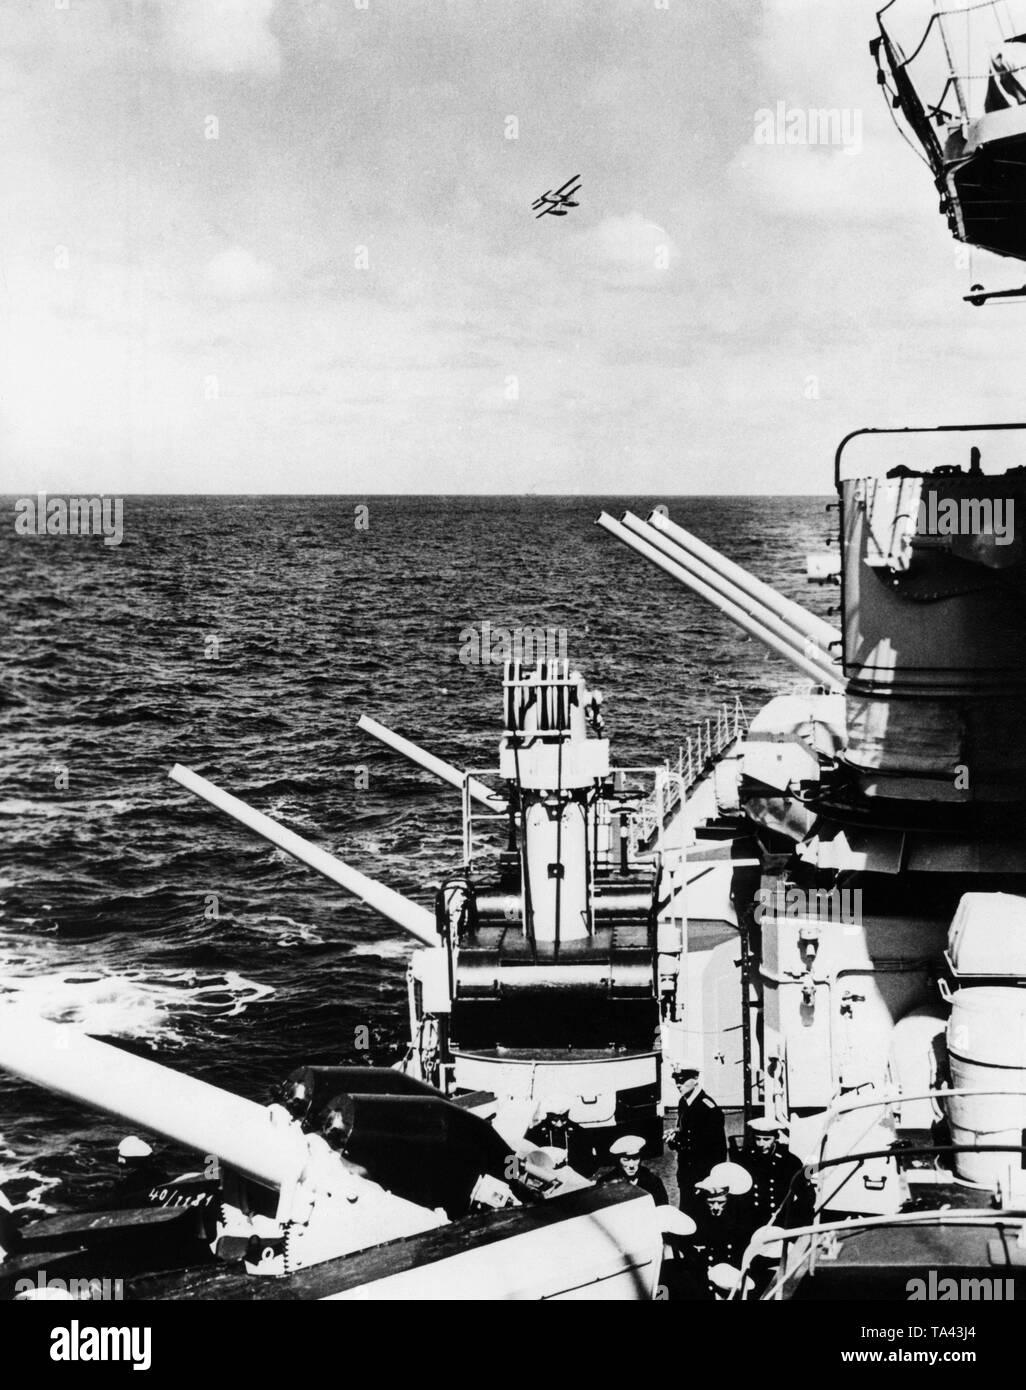 La imagen muestra un gran crucero alemán de la 'clase' Koenigsberg durante una maniobra de la flota con una tripulación marítima en el Mar del Norte. El buque es, por lo tanto, el 'Koenigsberg', 'Karlsruhe' o 'Koeln'. Foto de stock